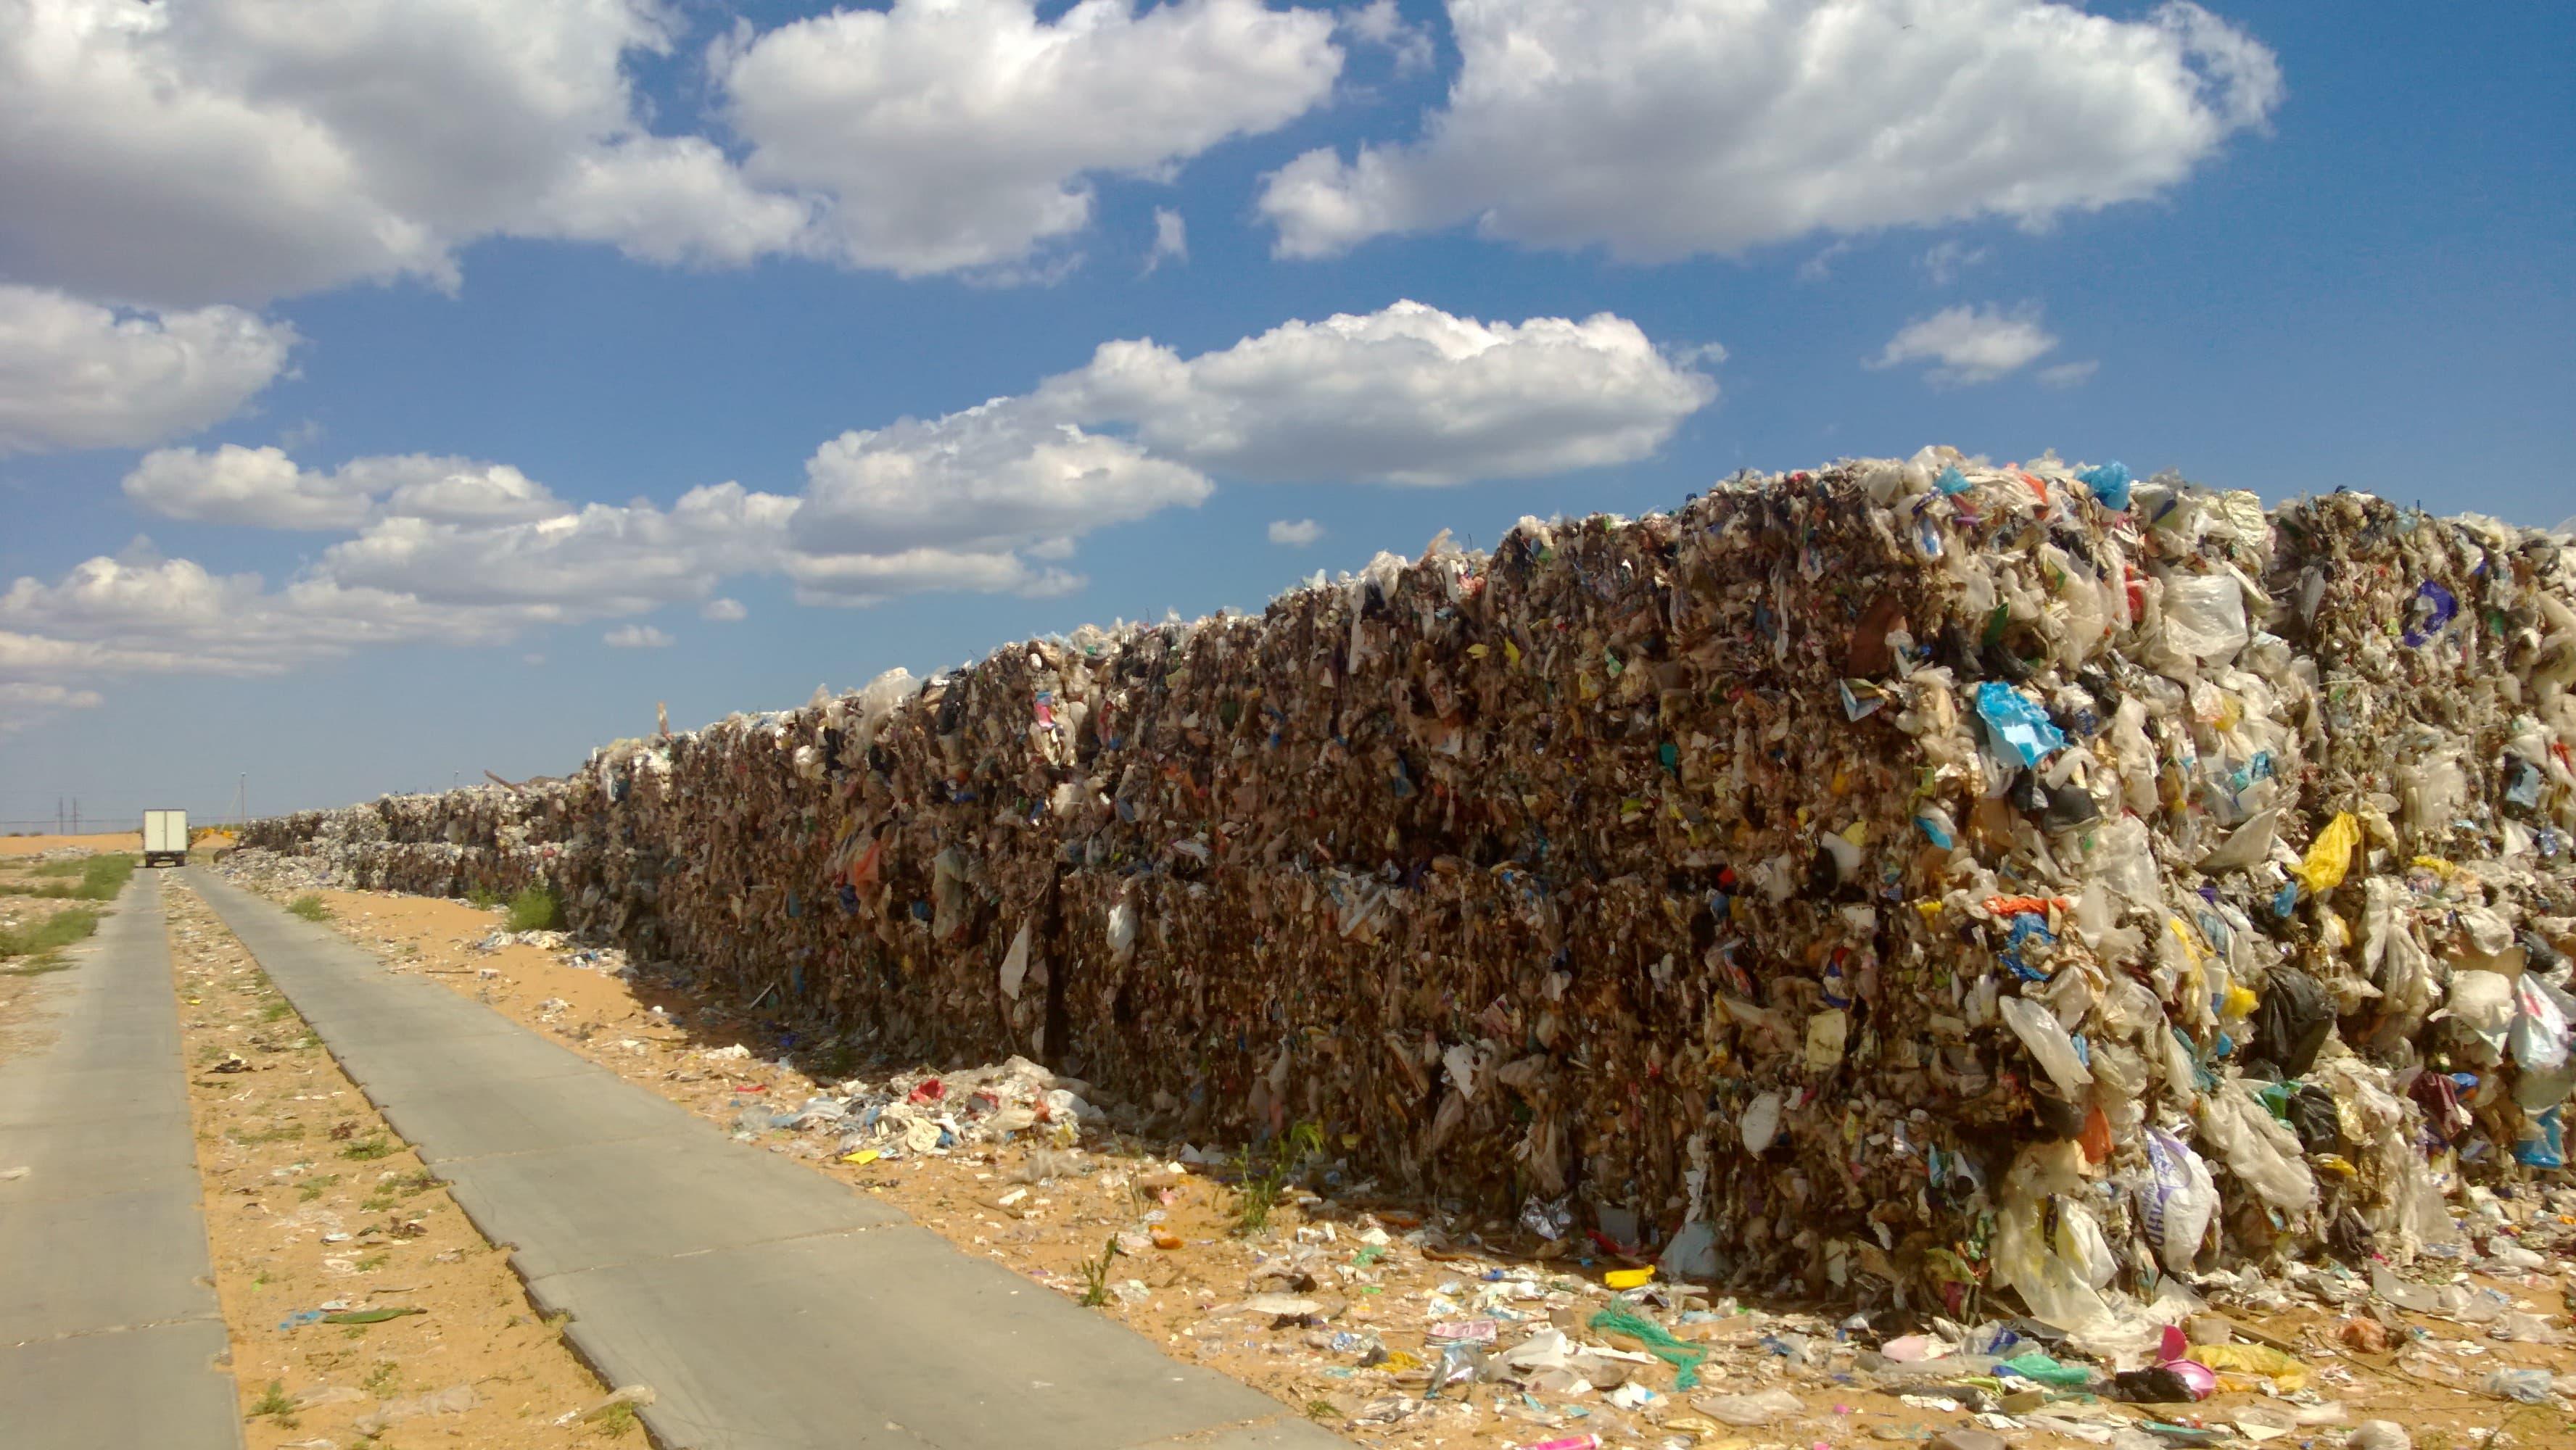 Захоронение отходов как метод утилизации